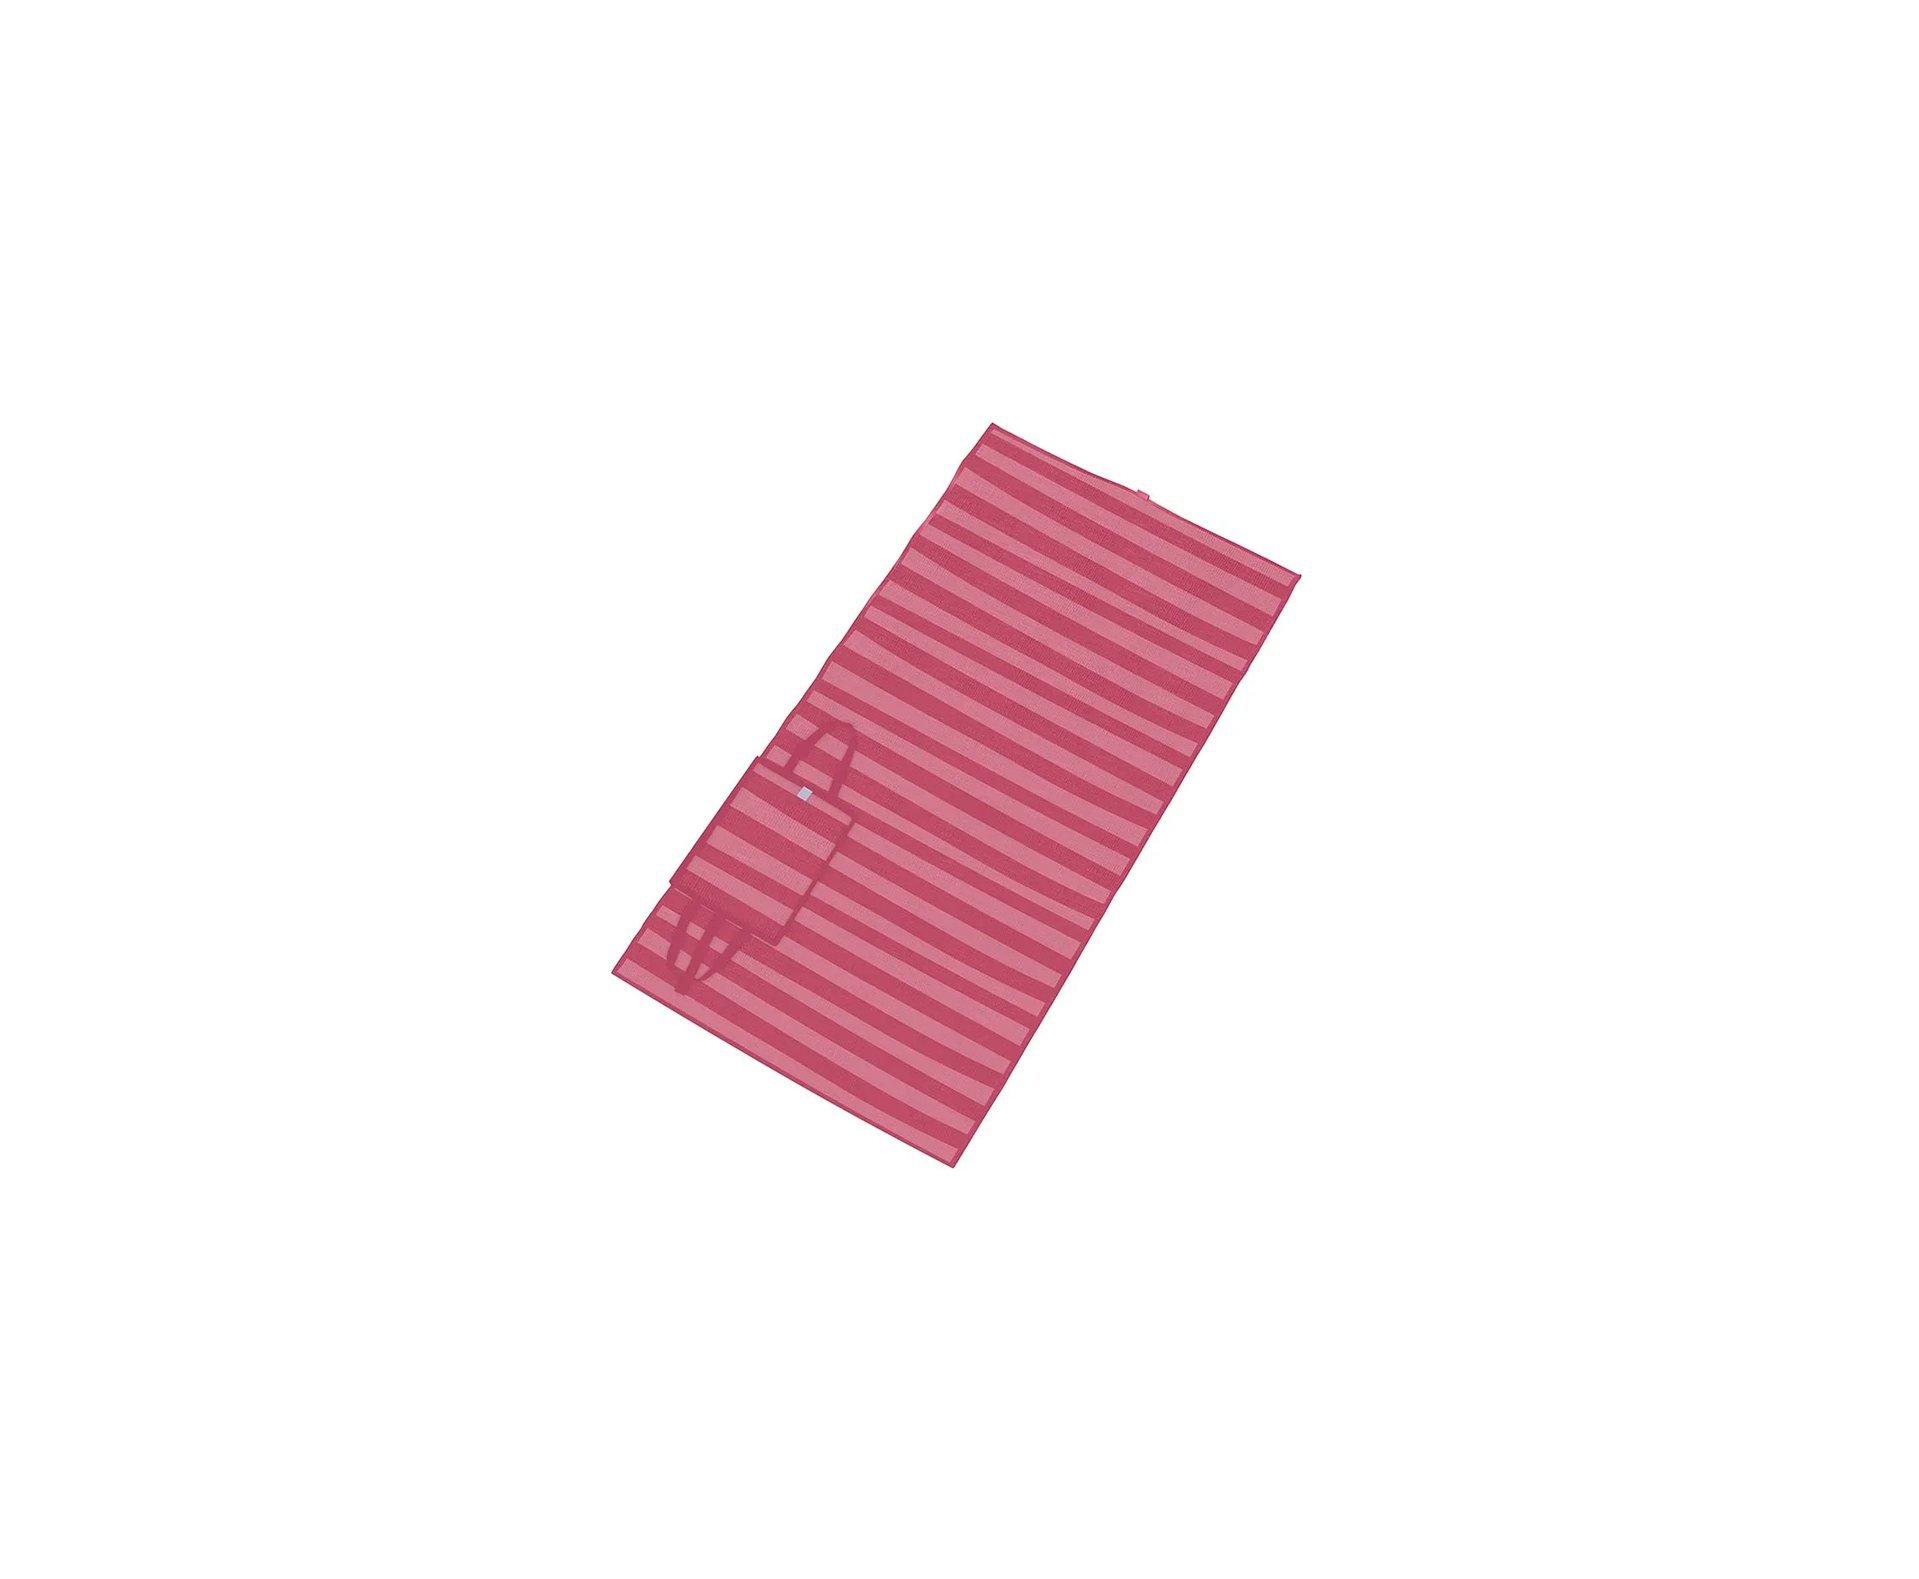 Esteira Dobrável Rosa 90x180cm - Mor